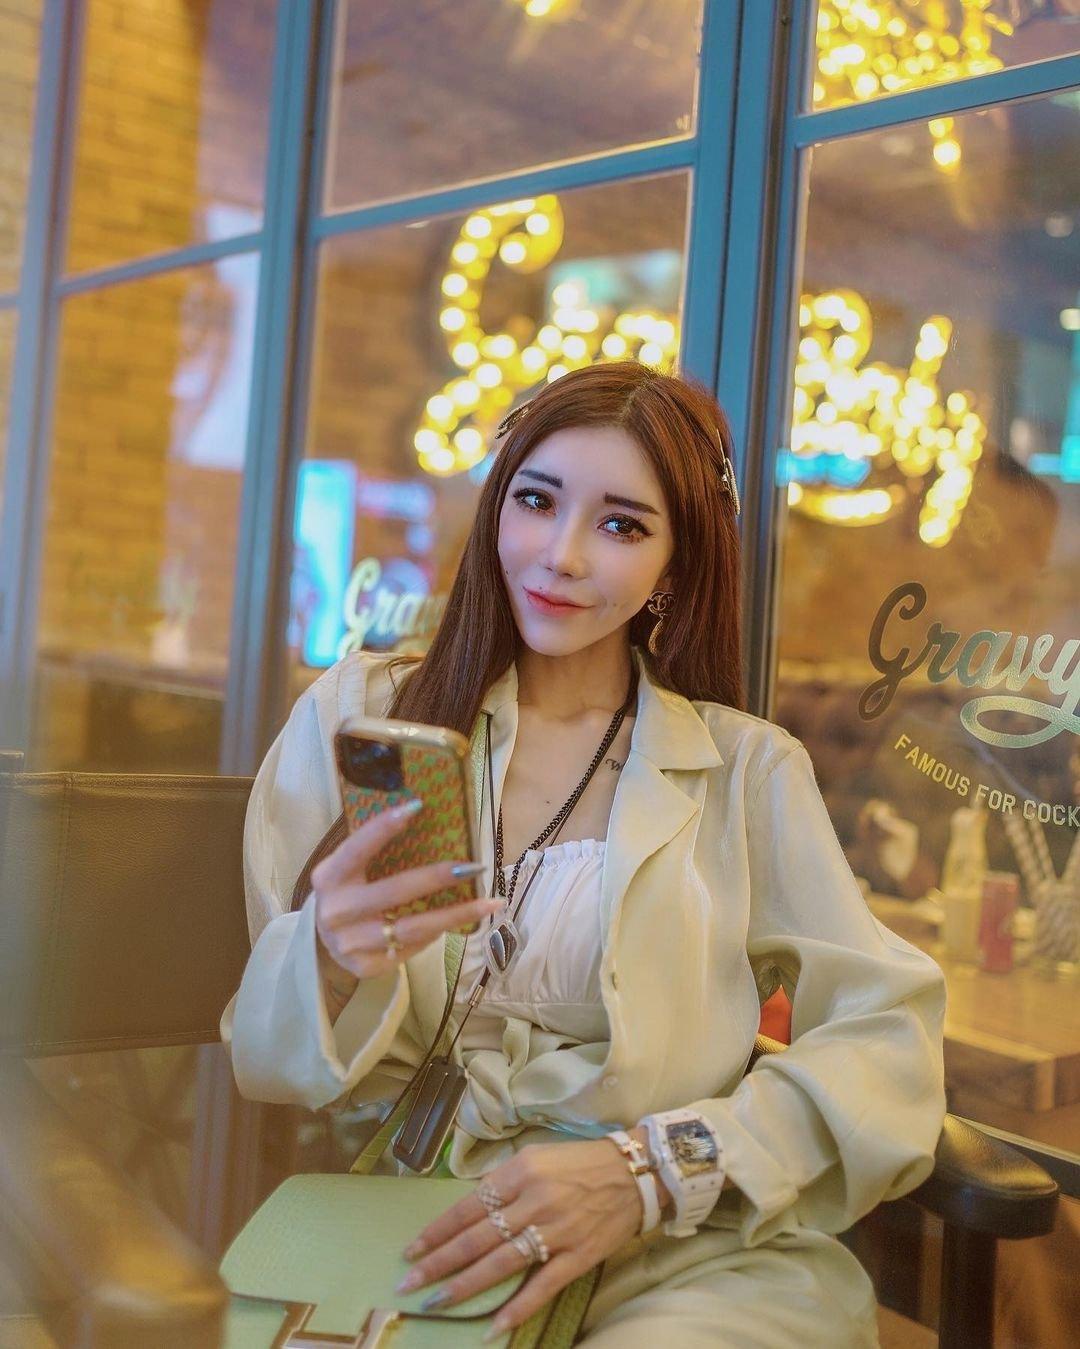 """林云被称是""""全民姐姐"""",在IG上拥有逾63万粉丝。"""